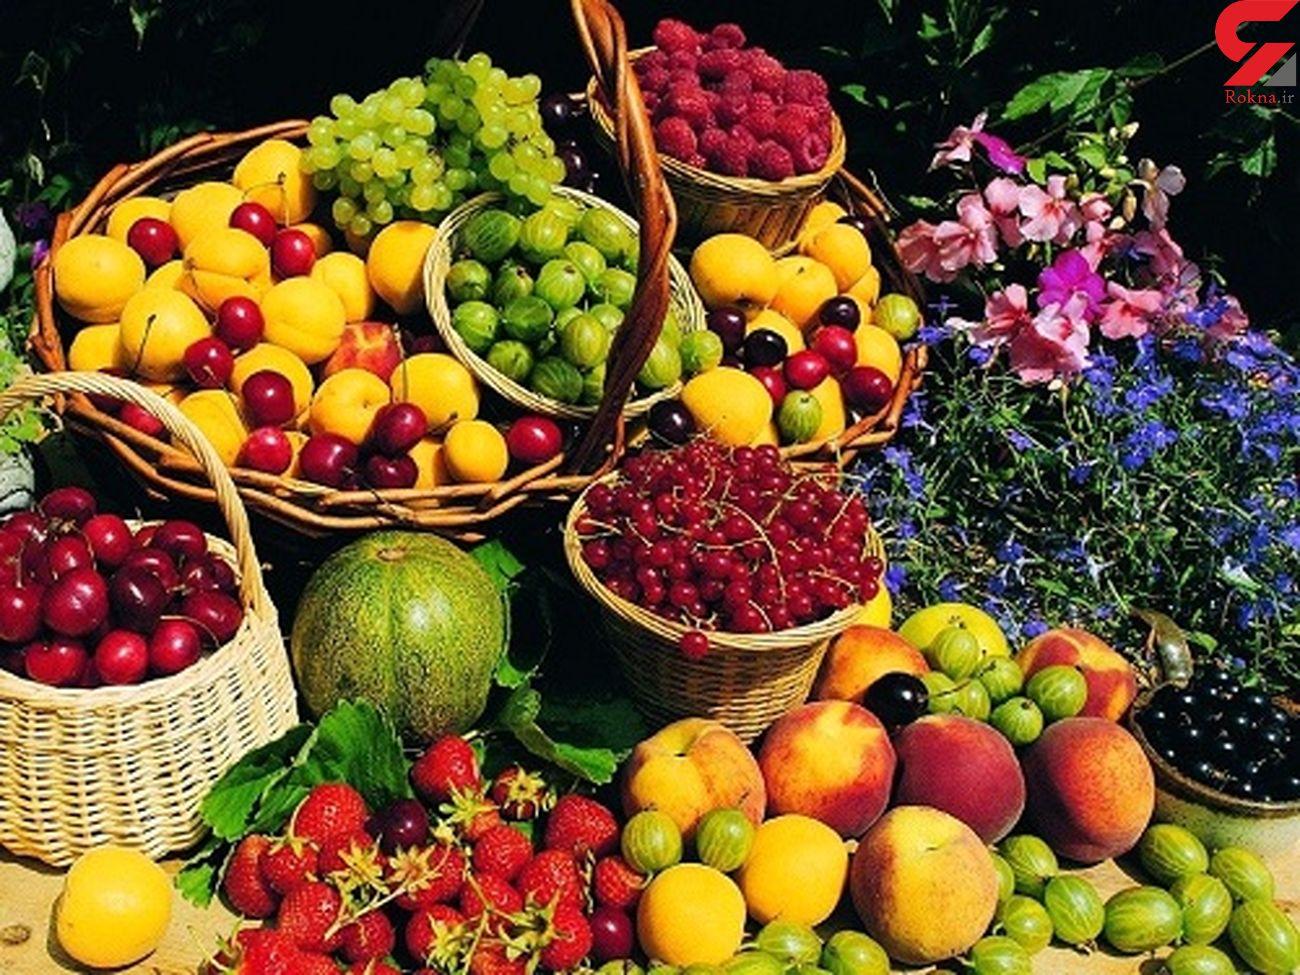 قیمت انواع میوه در فصل بهار اعلام شد